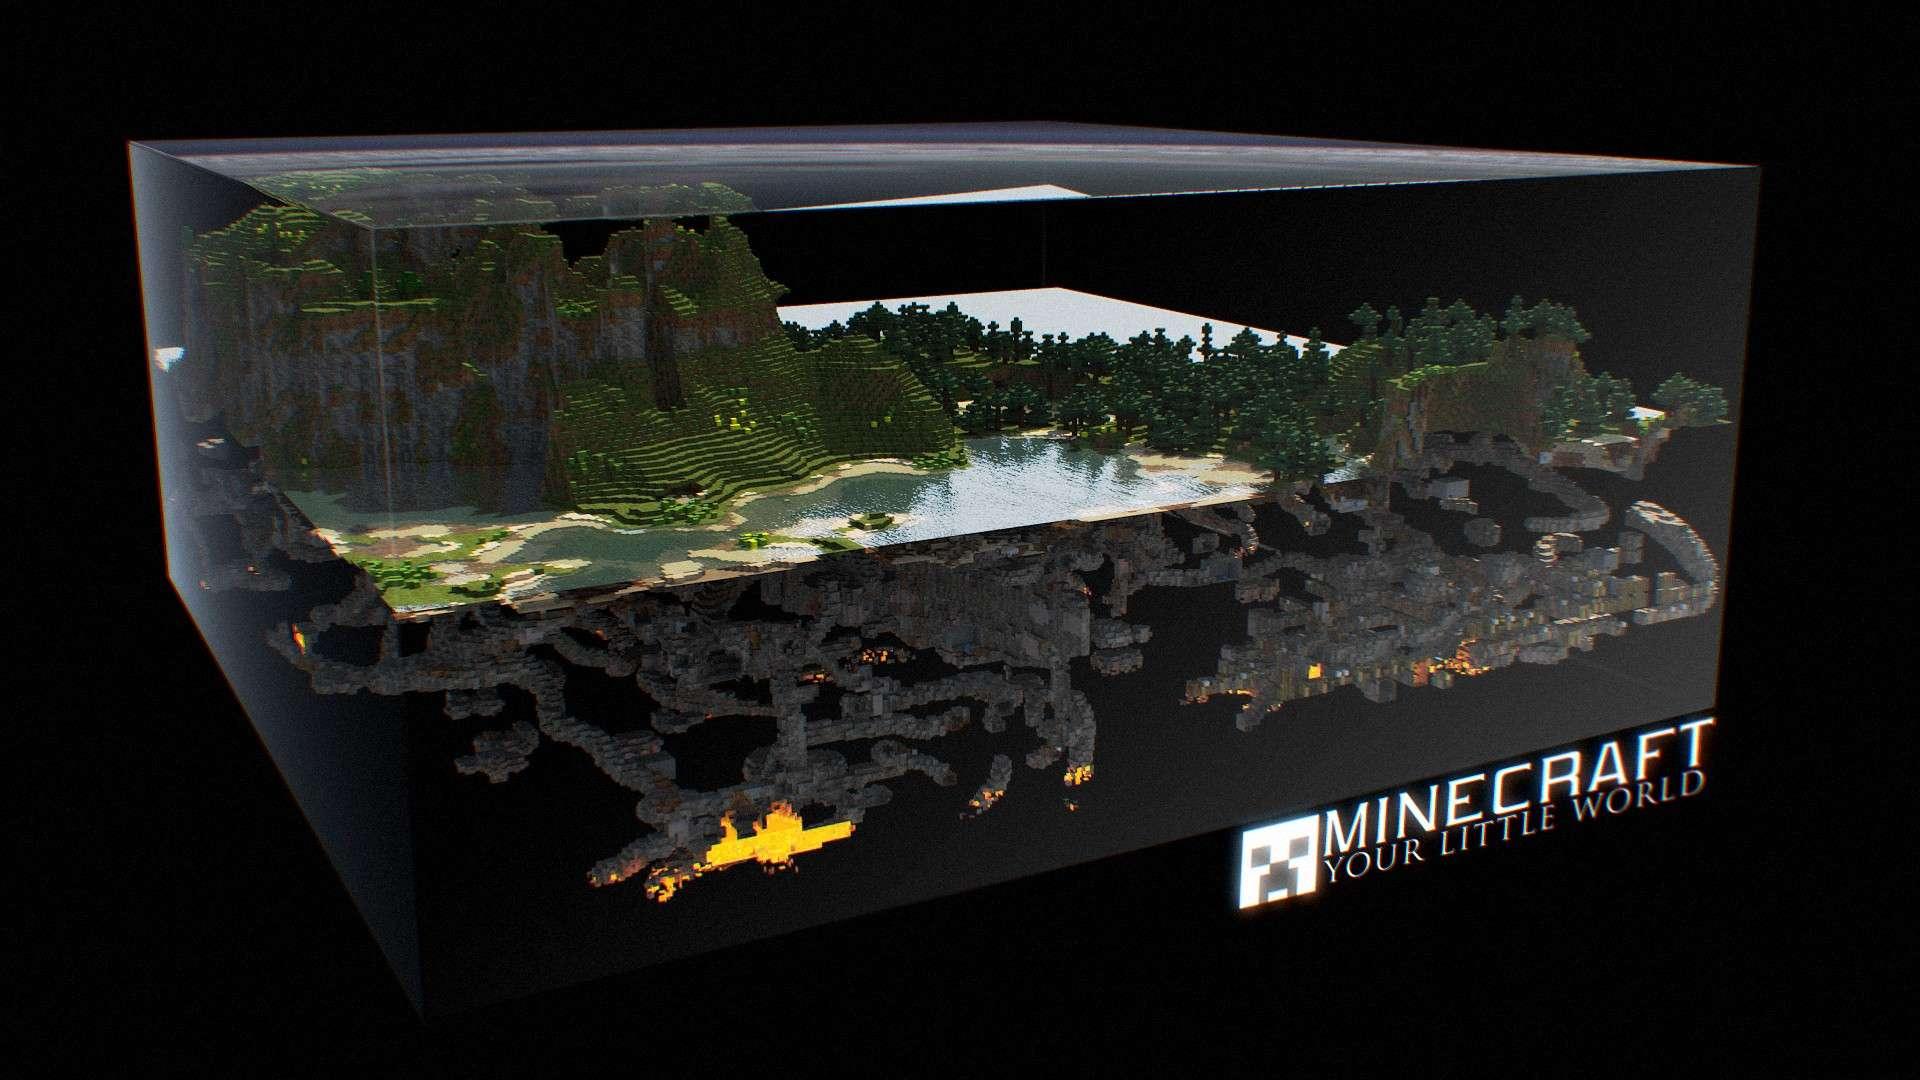 minecraft wallpaper,freshwater aquarium,aquarium